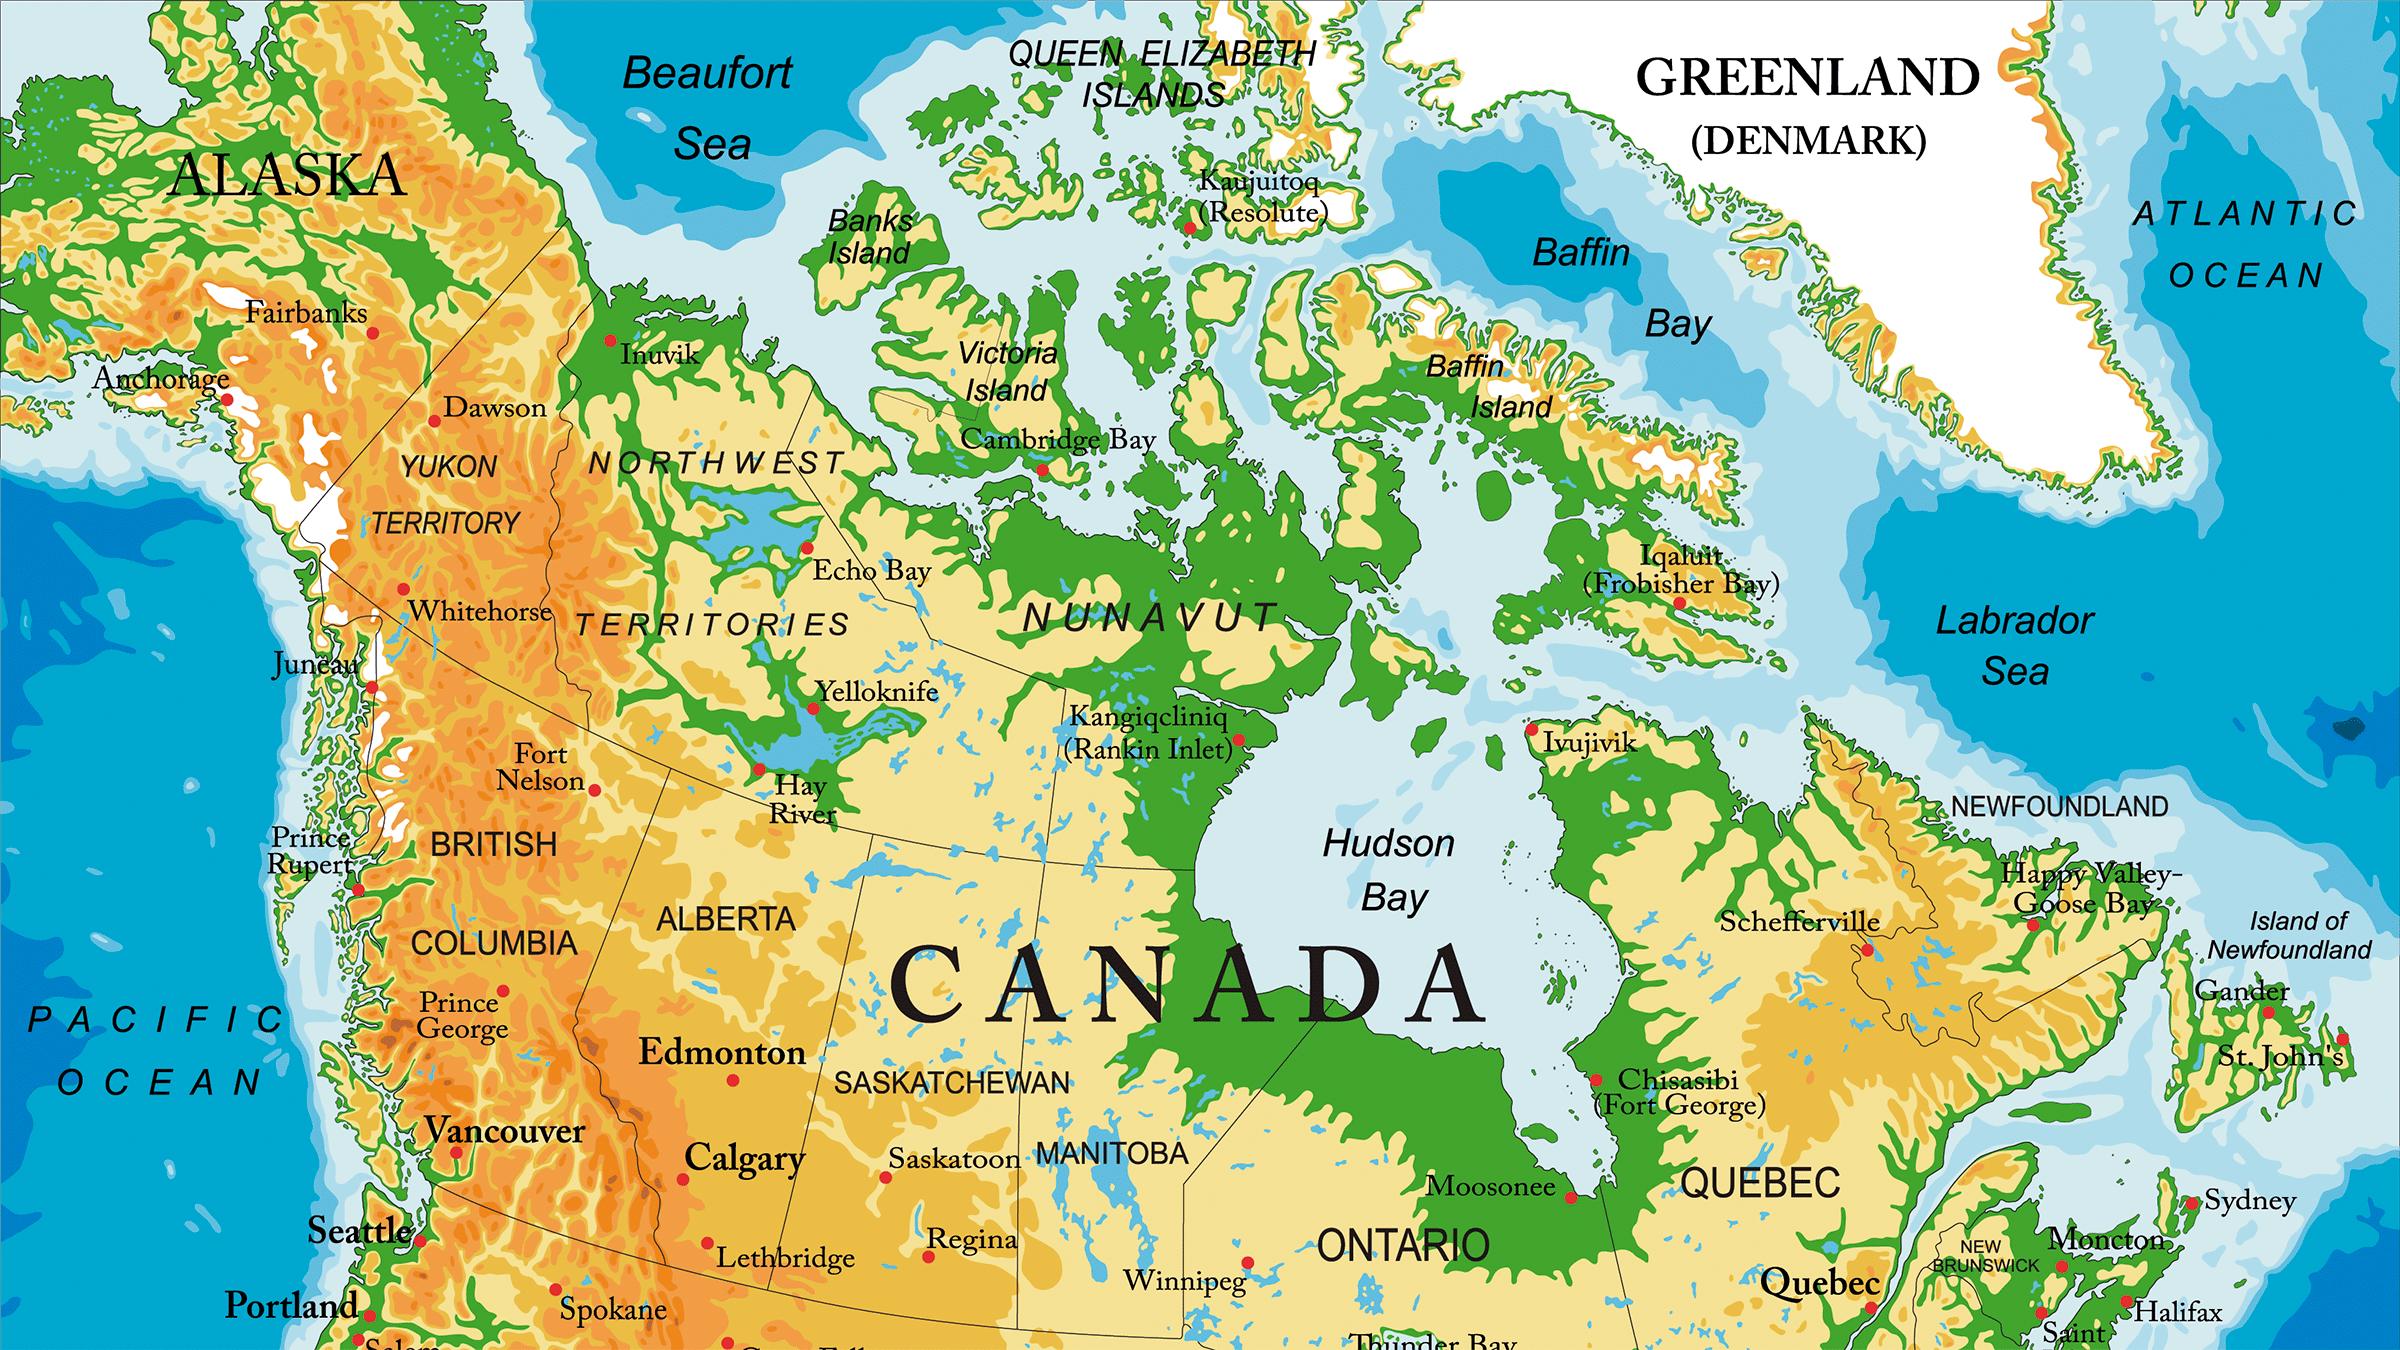 Mapa Topografico de Canada